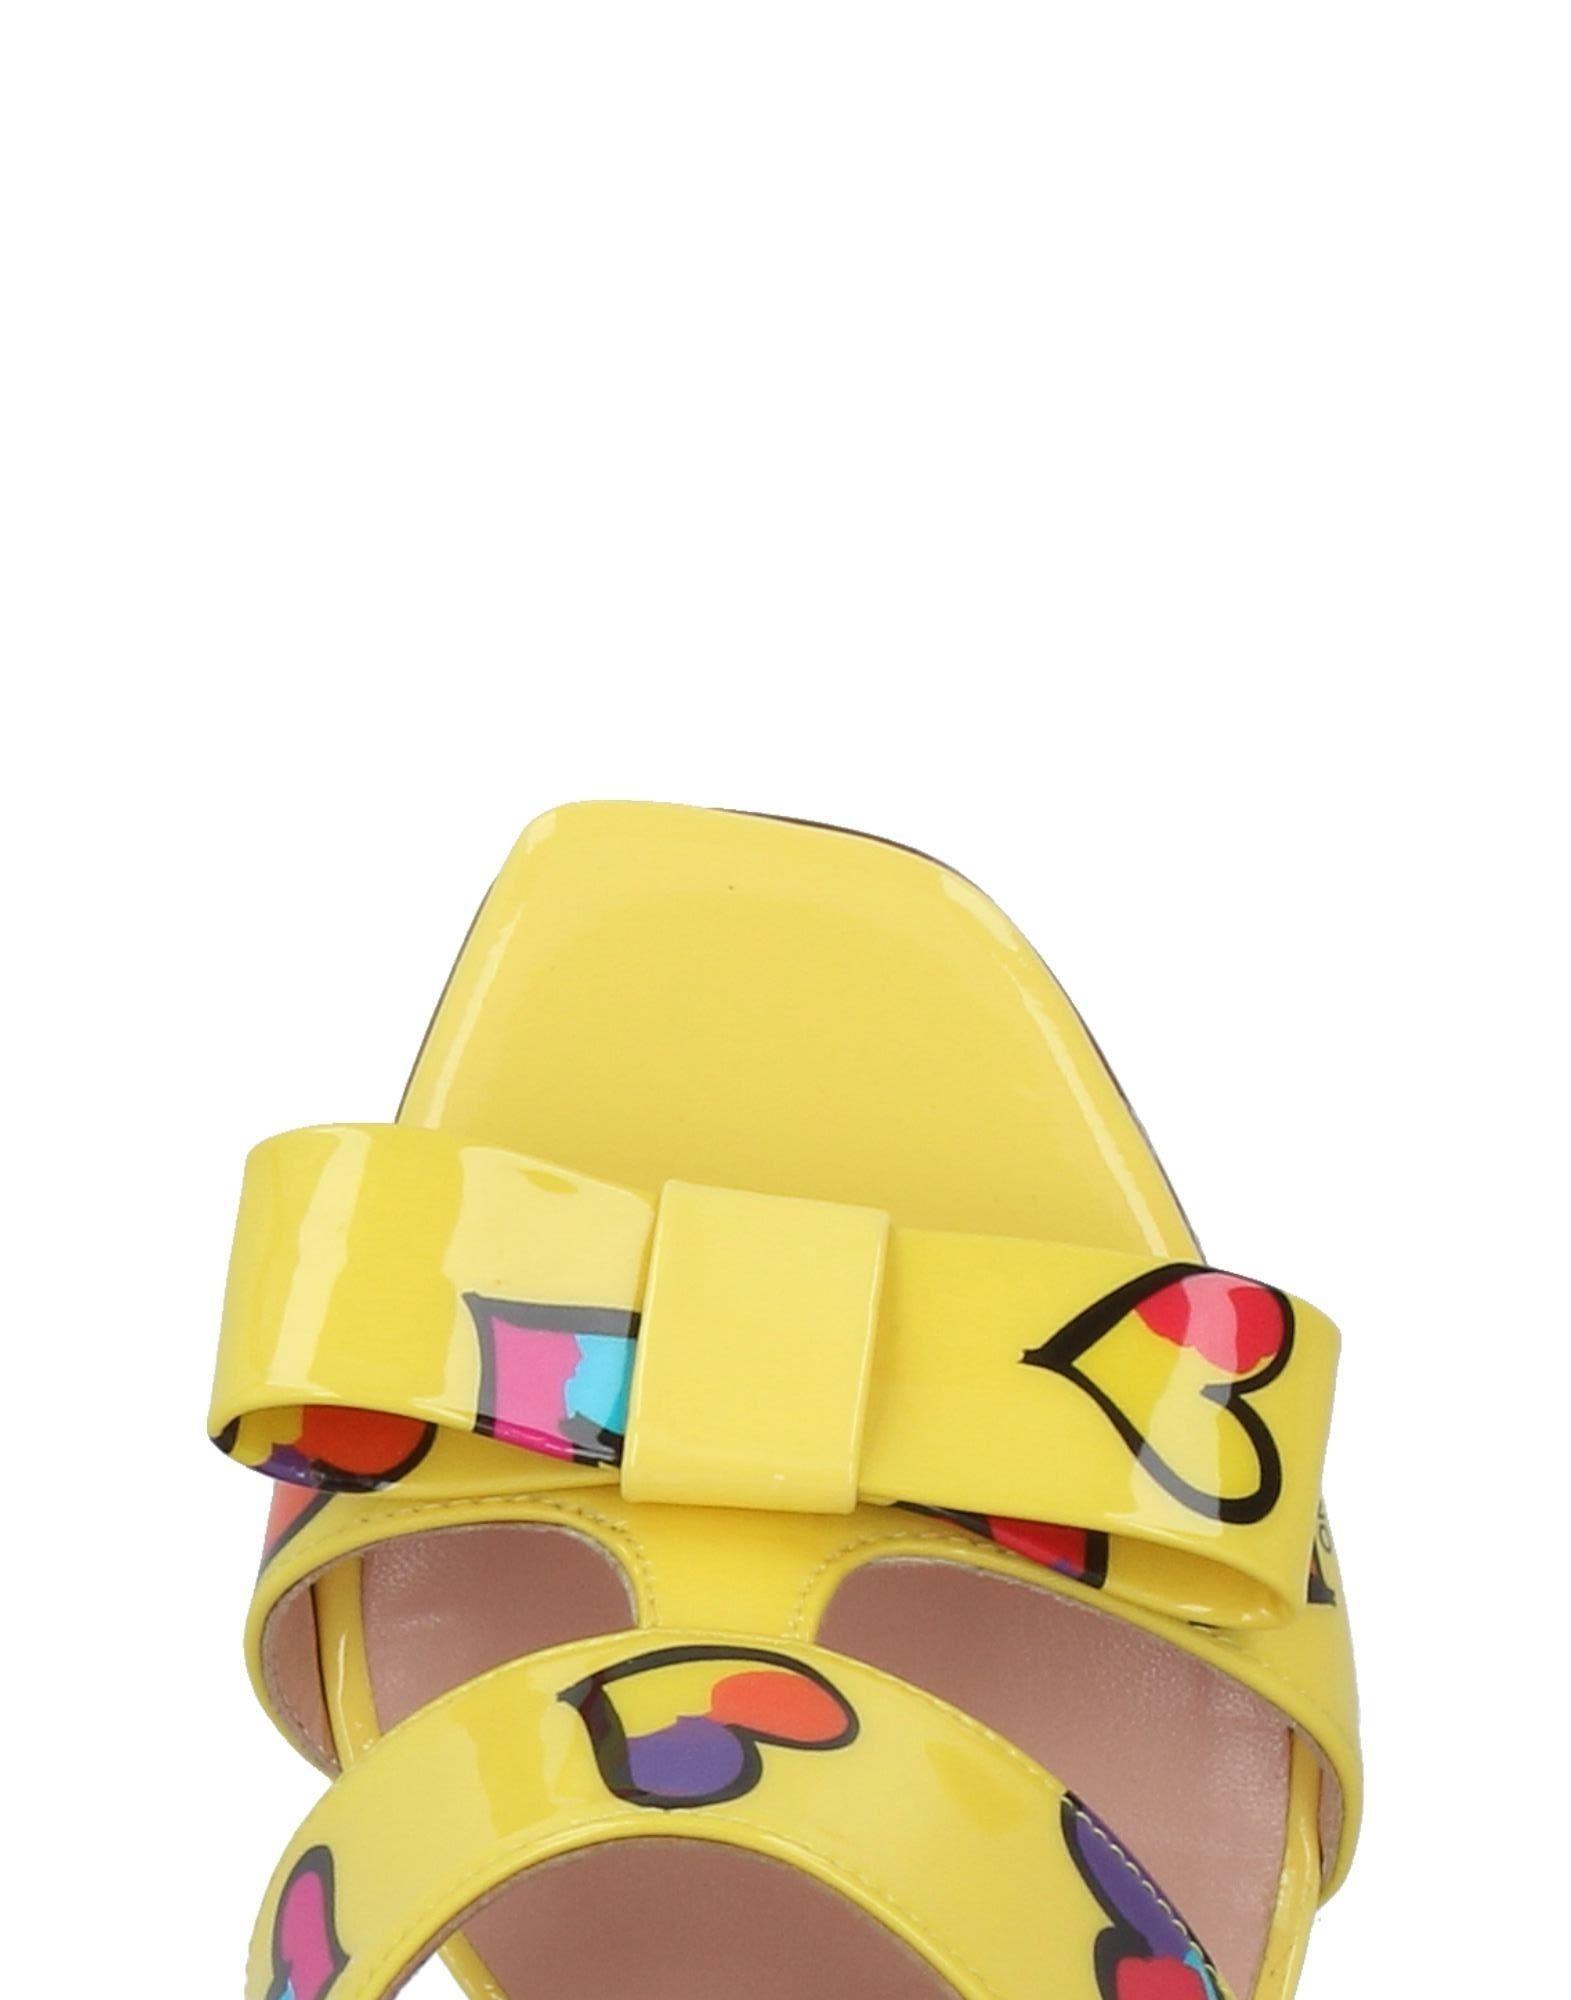 Sandali Sandali Sandali Boutique Moschino Donna - 11413330PJ 5158c6